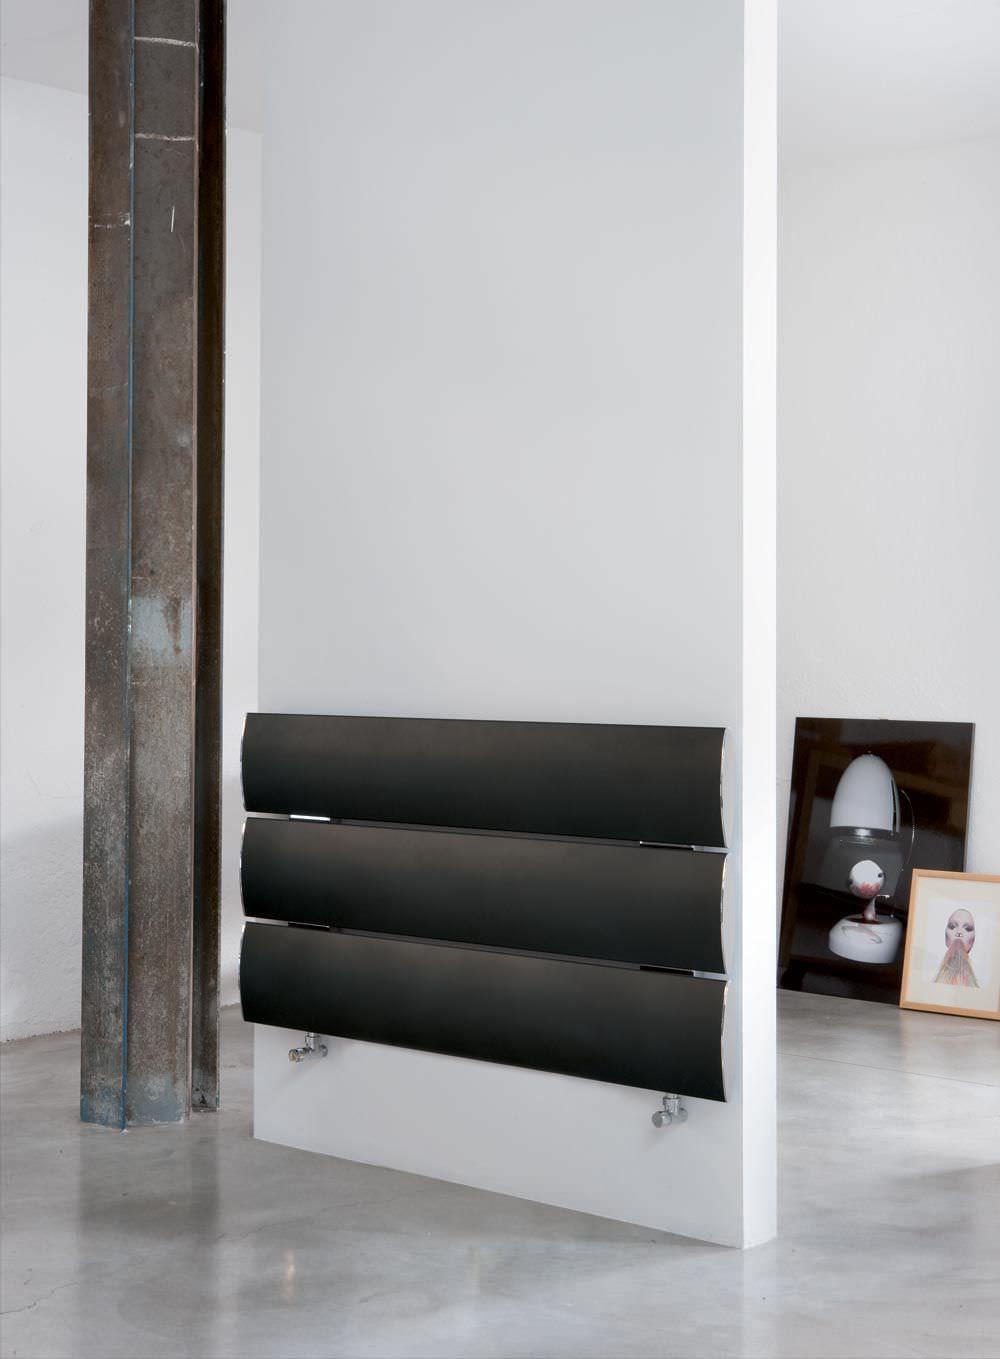 Radiateur Eau Chaude En Aluminium Contemporain Horizontal